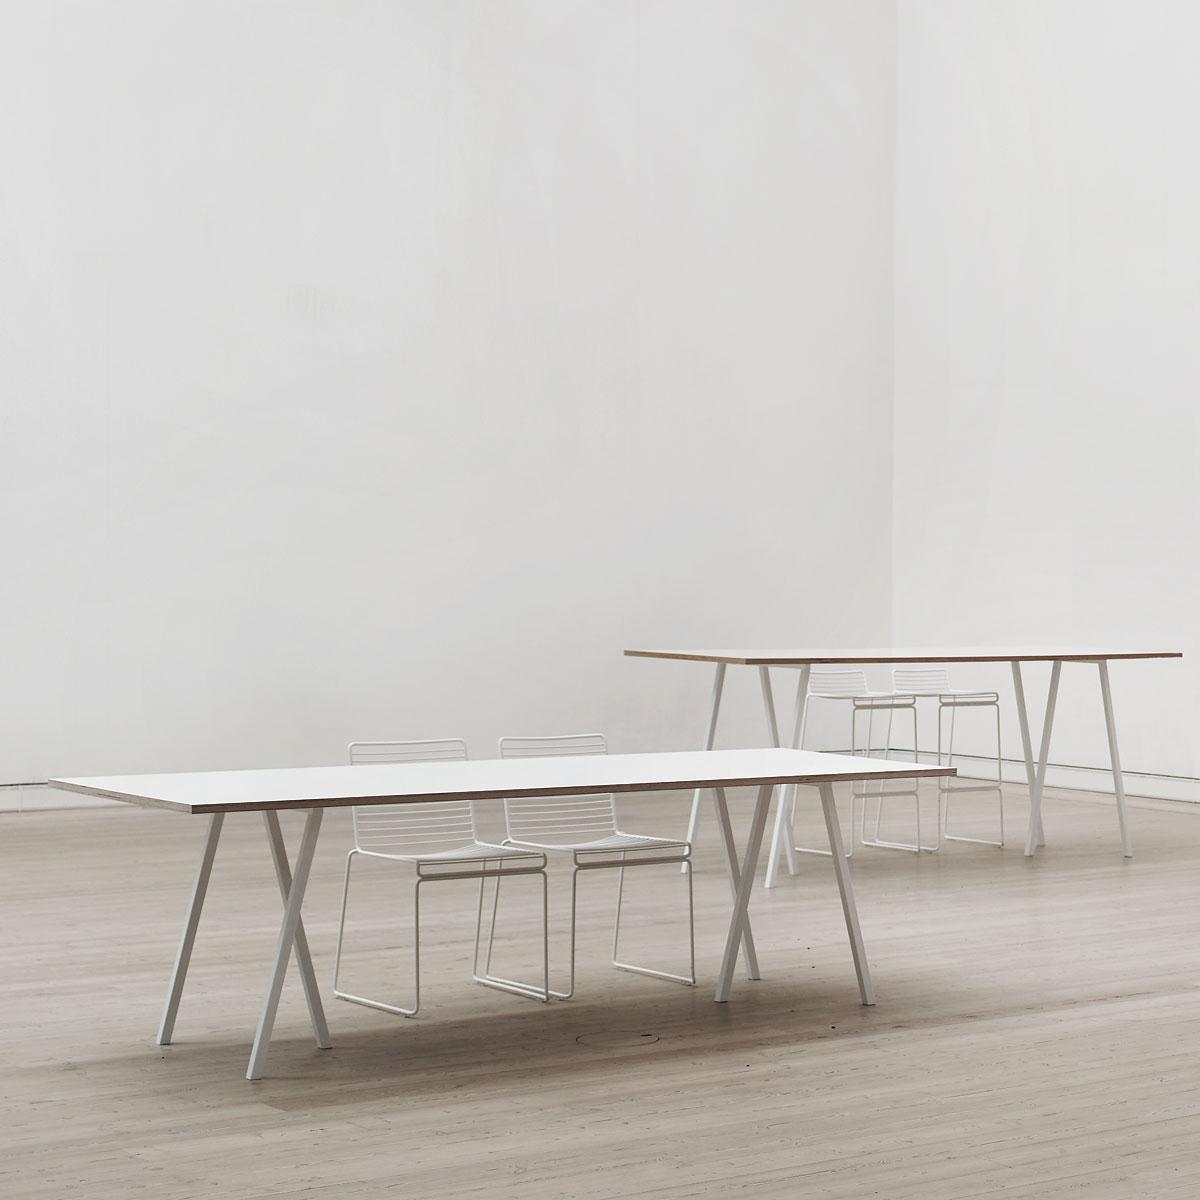 Loop-Stand-Tisch-weiss-ambiente-1200x1200